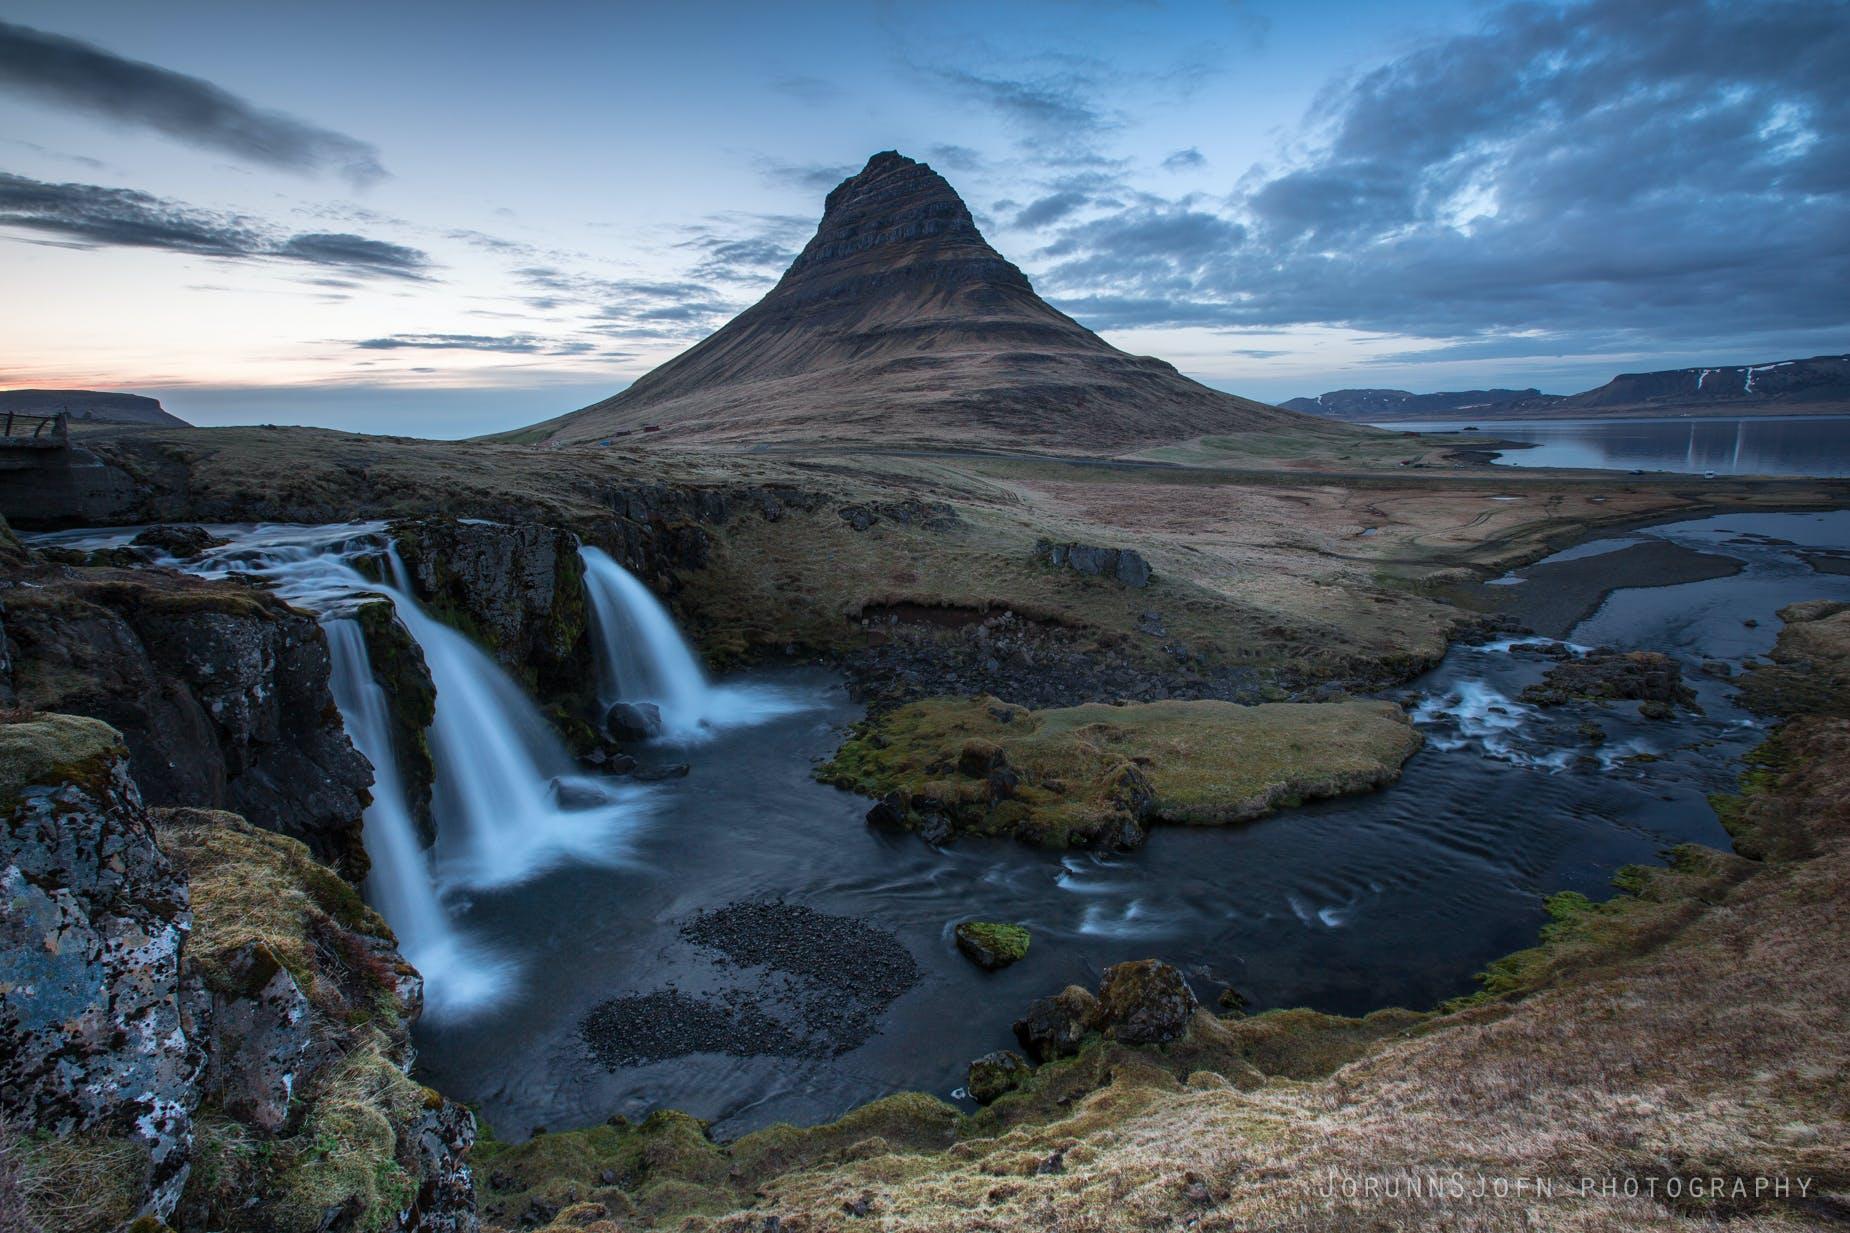 kirkjufellsfoss in Iceland